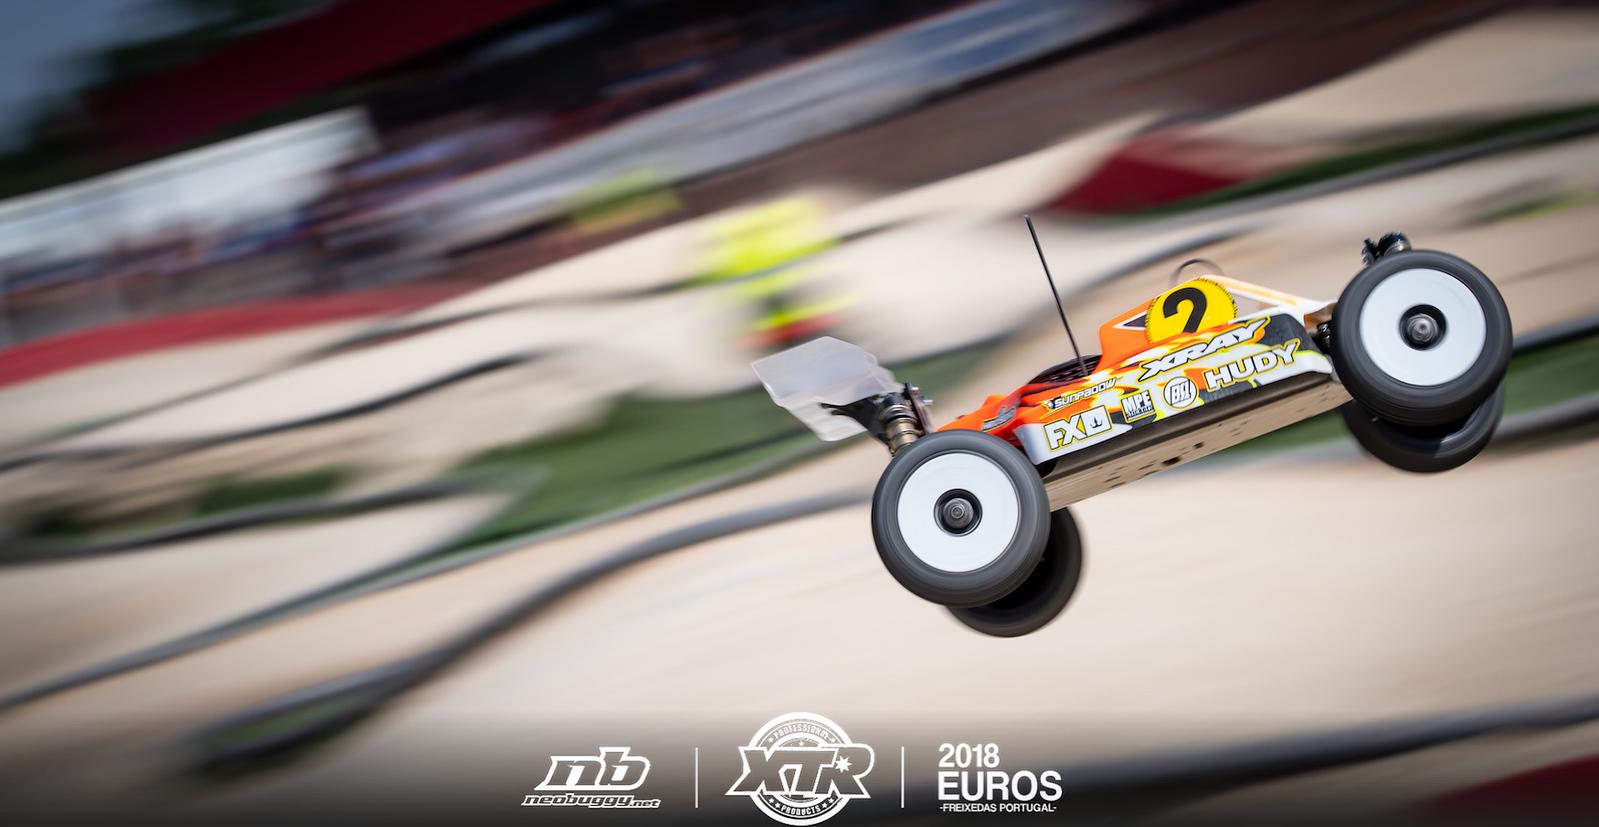 https://photos.smugmug.com/2018-Events/Euros/Friday-Quali-Finals/i-FP6kWnP/0/0ea0eacb/X3/CIR_3270-X3.jpg